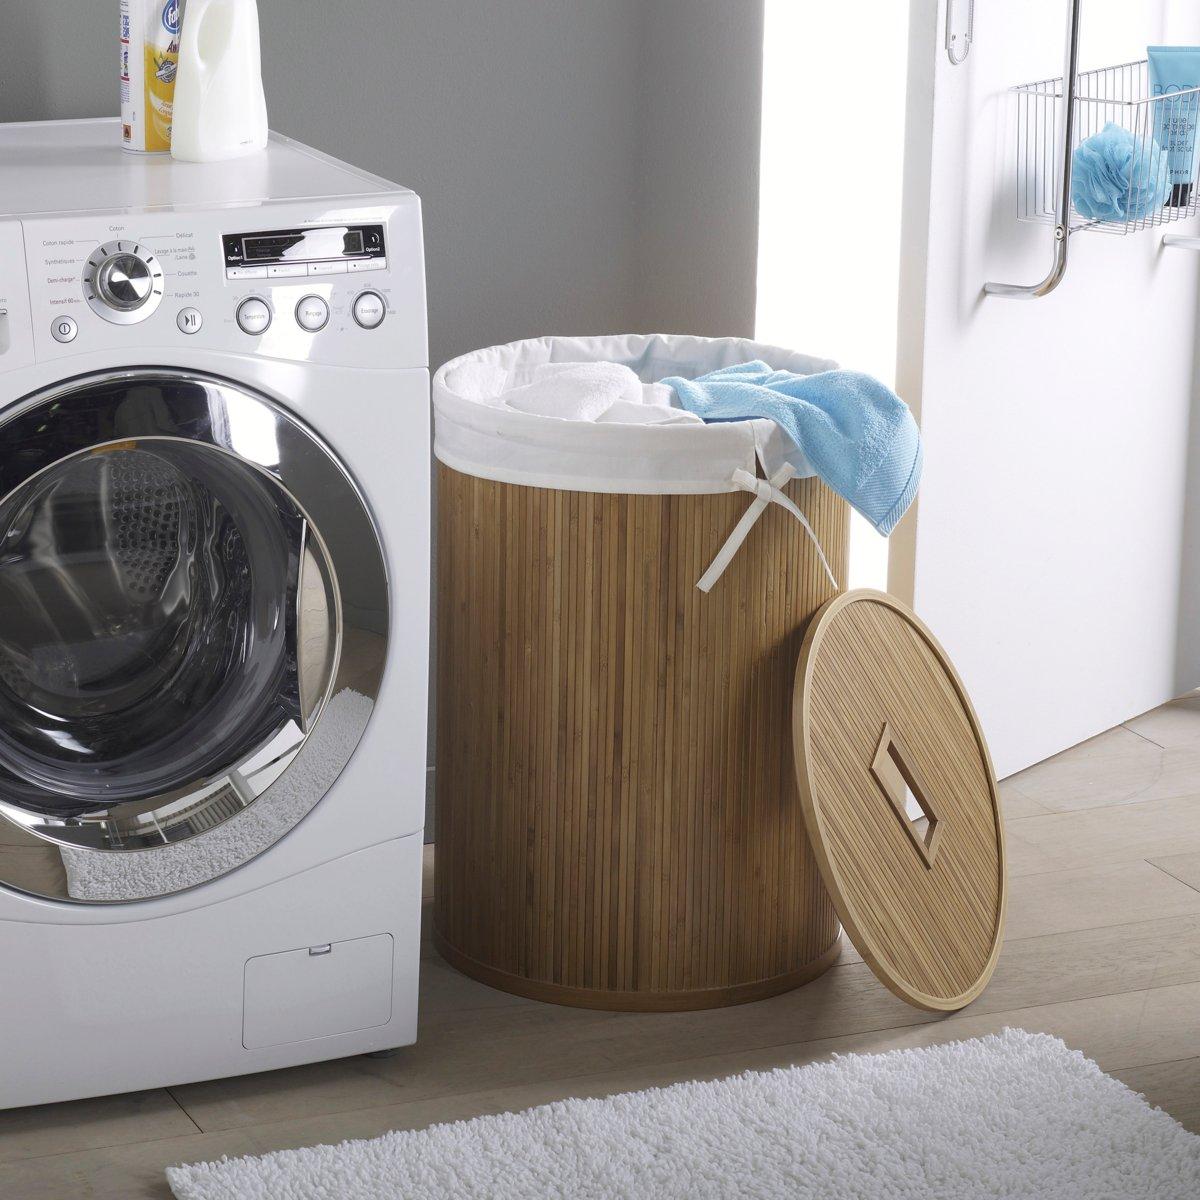 panier linge exotique 20 id es d co pour votre salle de bain salle de bain s lection. Black Bedroom Furniture Sets. Home Design Ideas